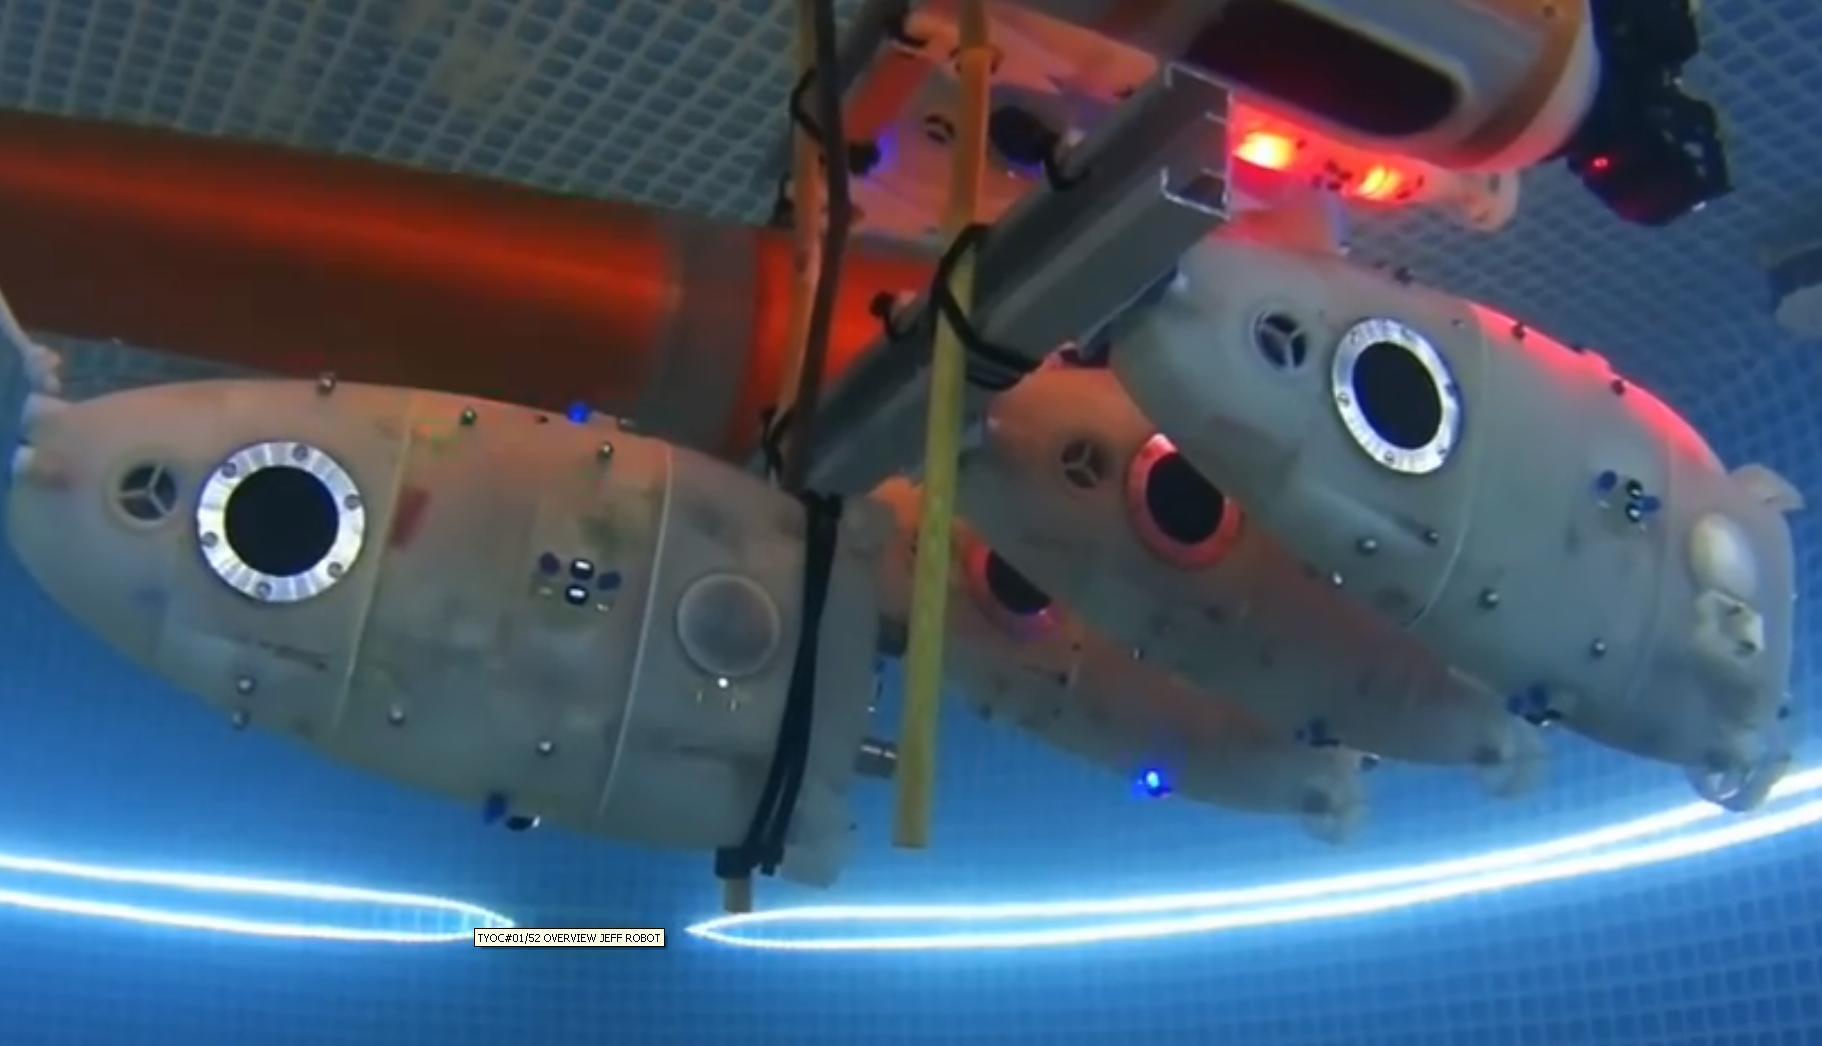 Cocoro est le nom d'un essaim de robots aquatiques qui se déplace sous l'eau.